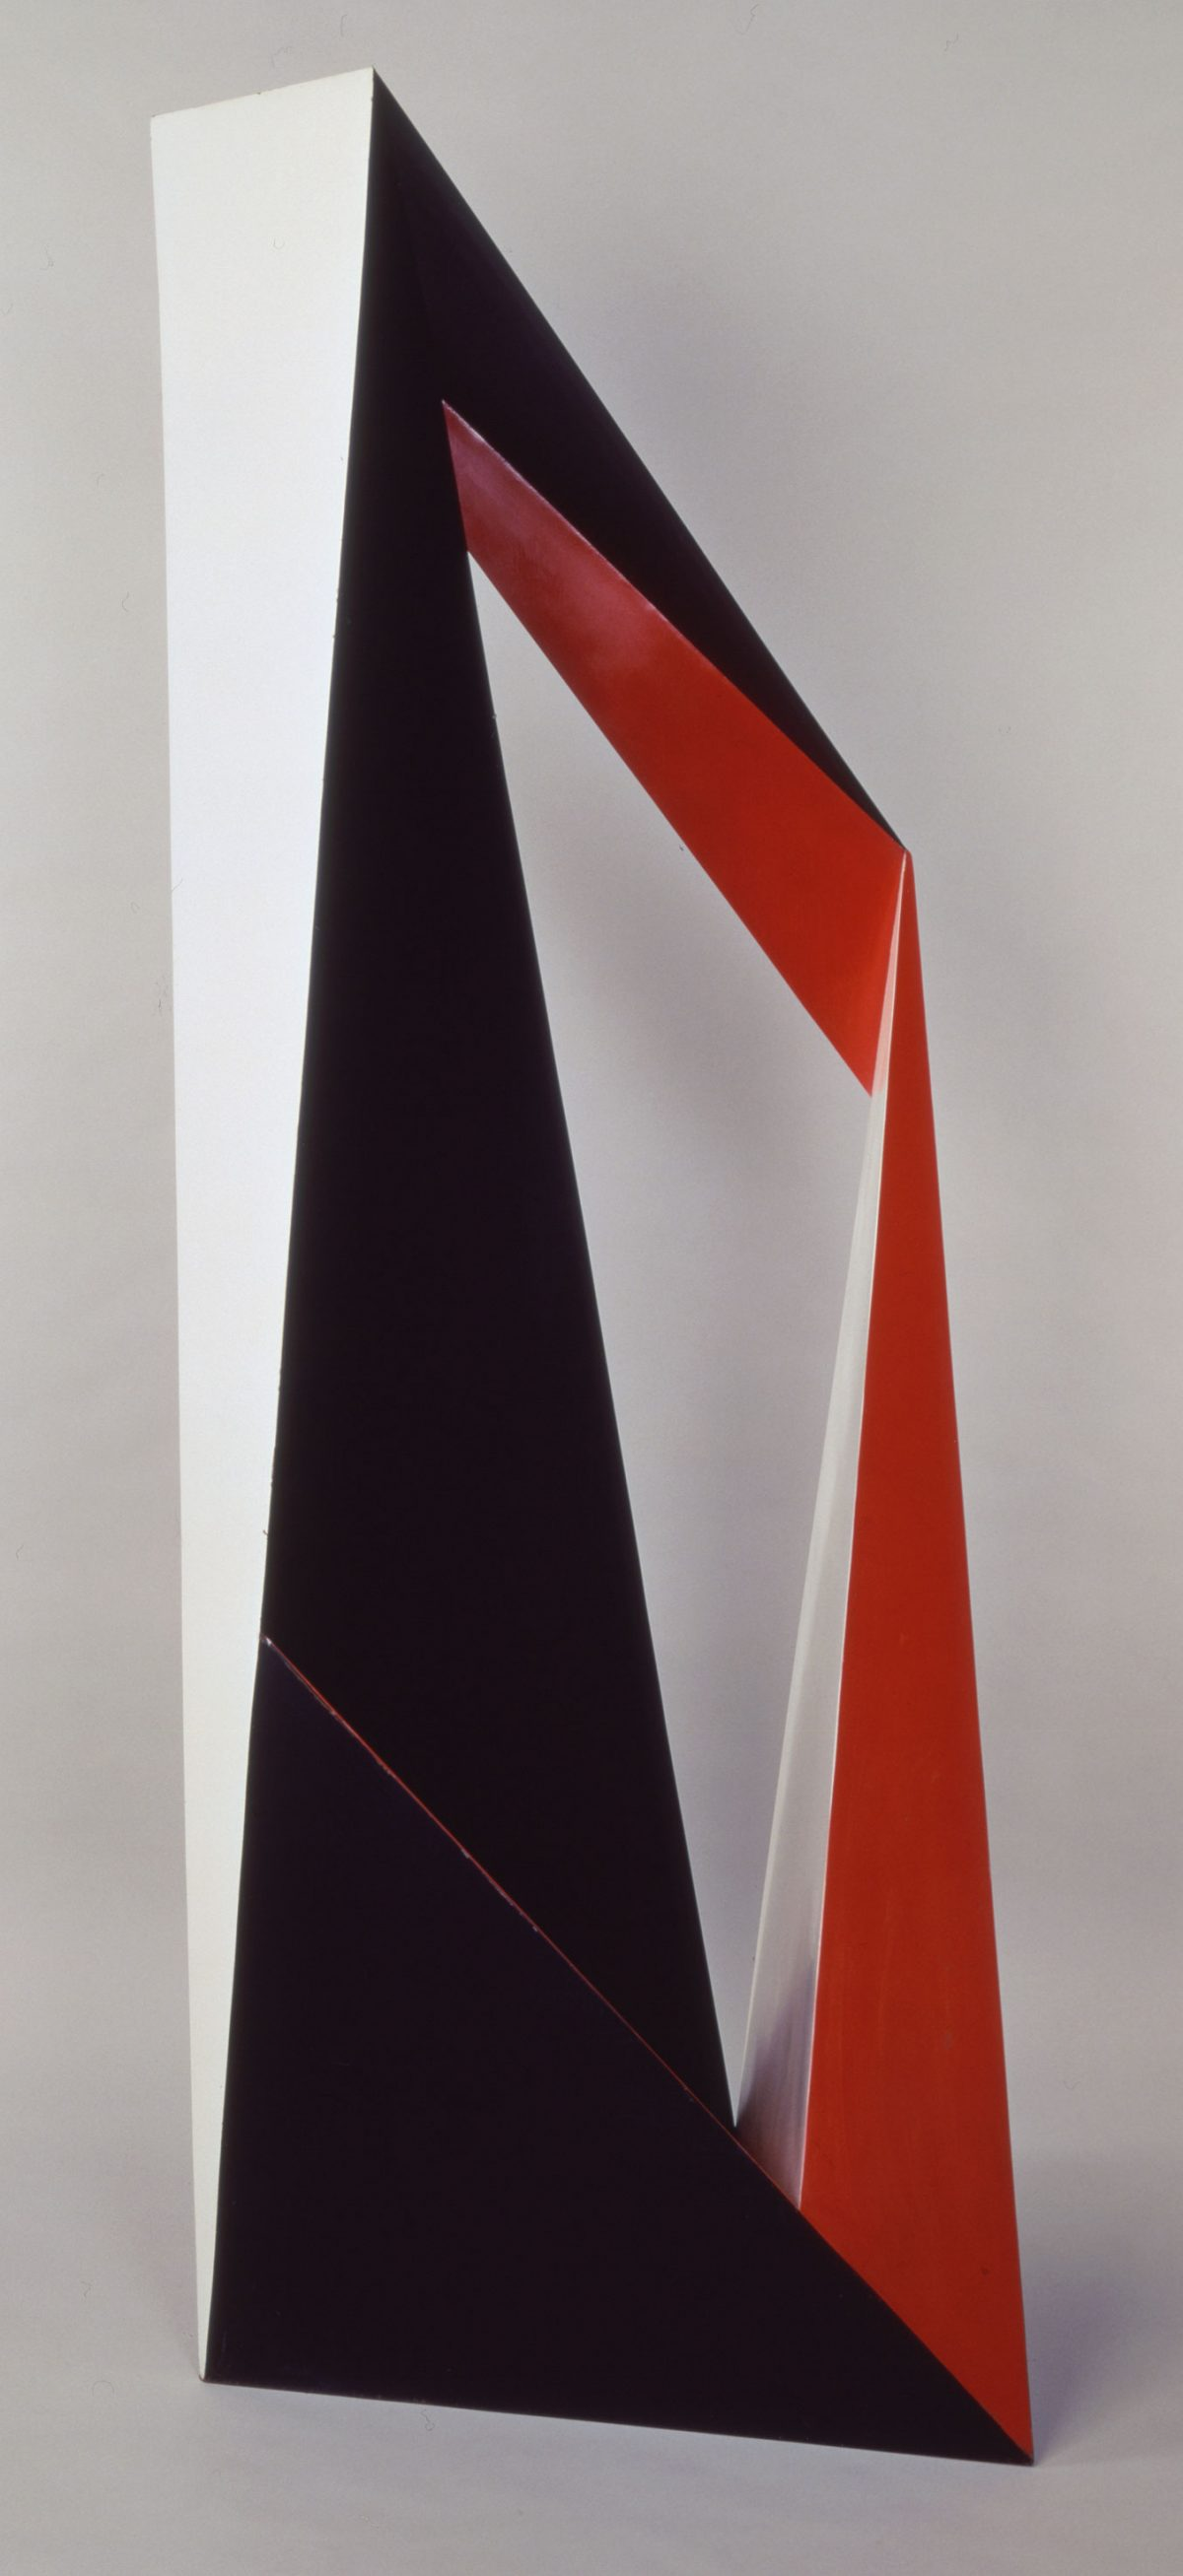 Espaces triangulaires, c. 1972, Painted metal.